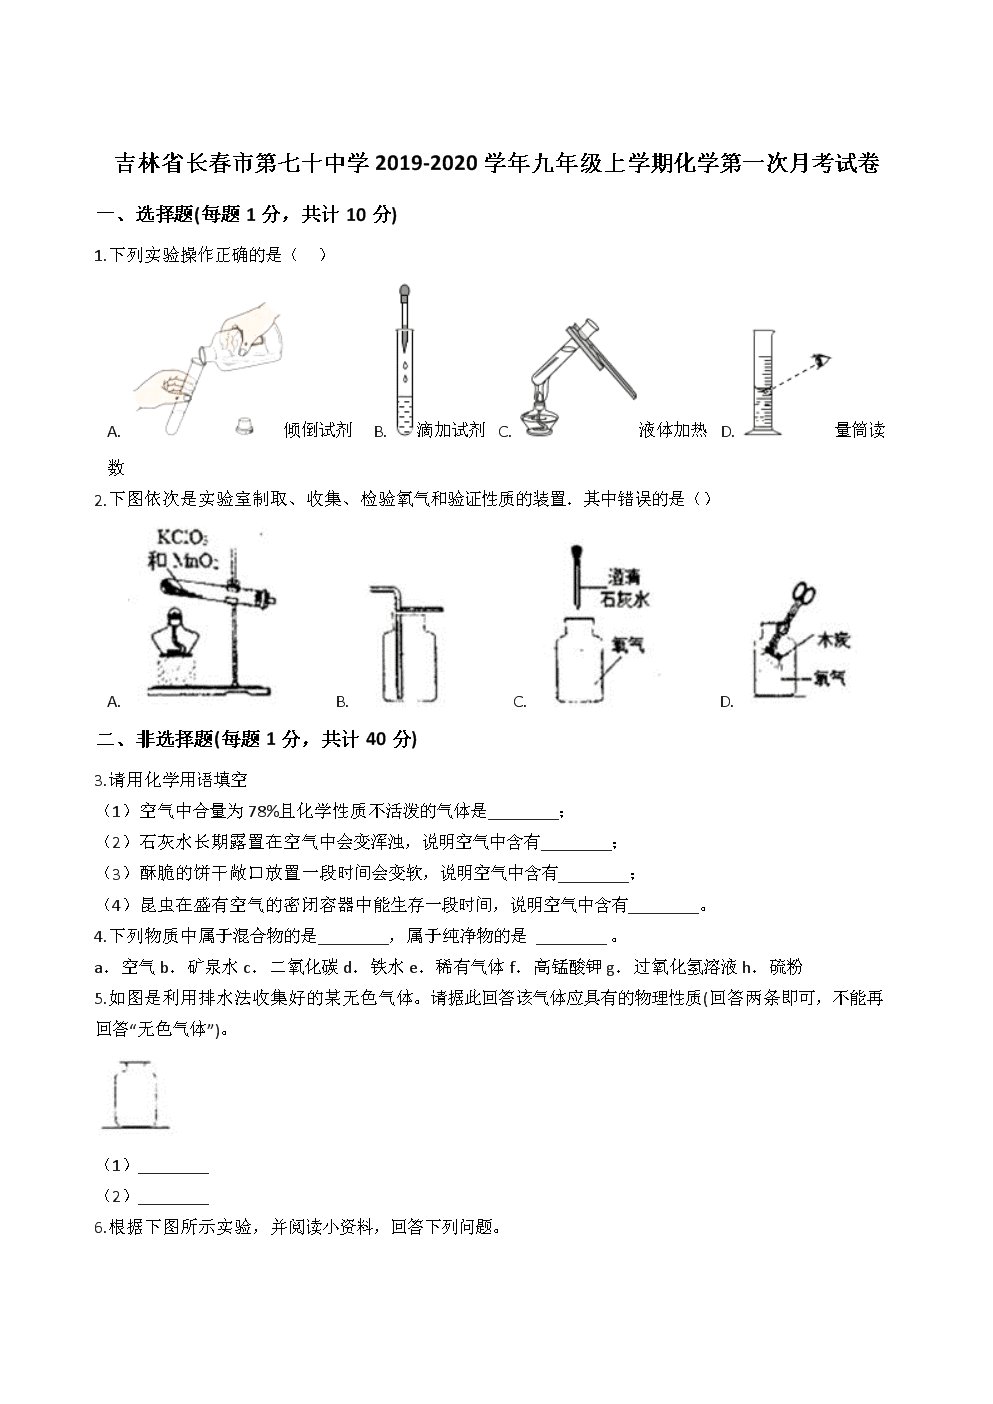 吉林省长春市第七十中学2019-2020学年九年级上学期化学第一次月考试卷(解析版).docx